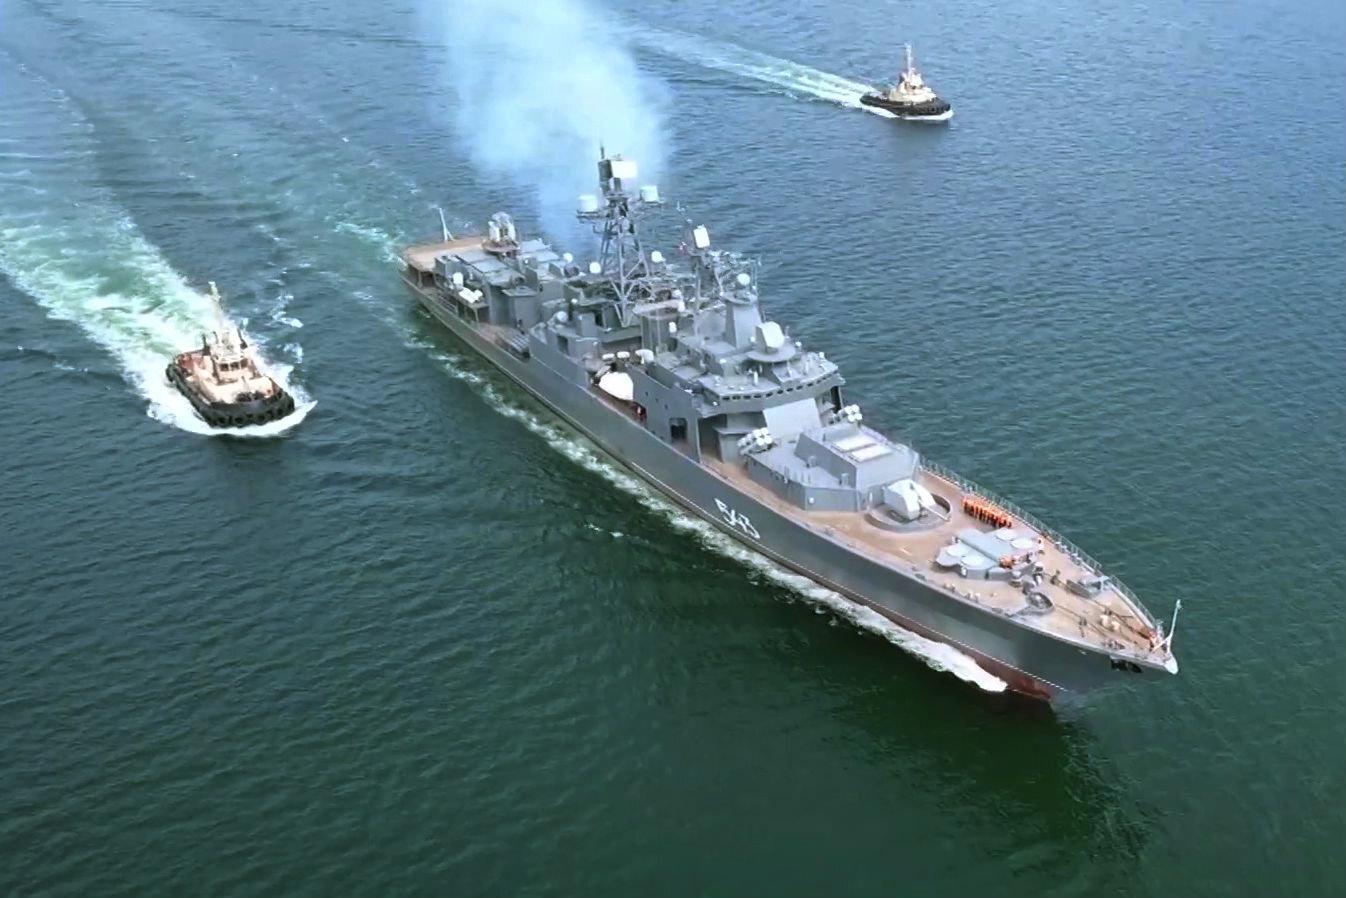 В США российский фрегат проекта 1155 назвали «вооружённым до зубов»